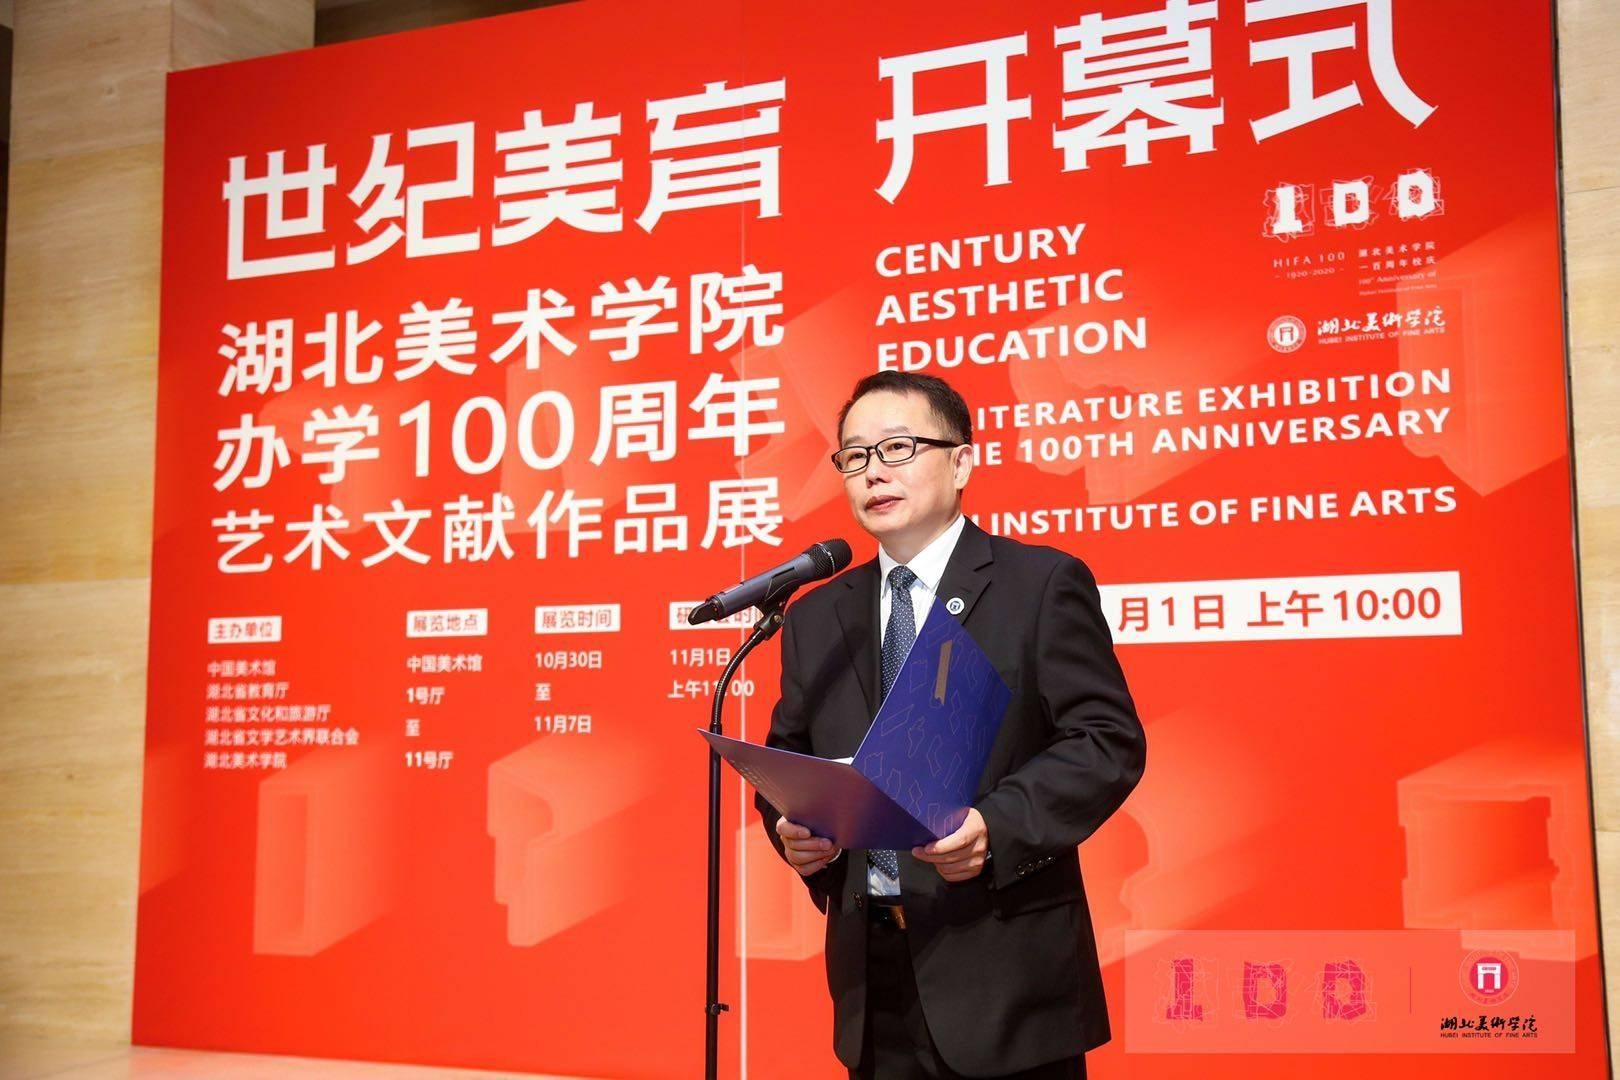 世纪美育——湖北美术学院办学100周年艺术文献作品展 在中国美术馆展出